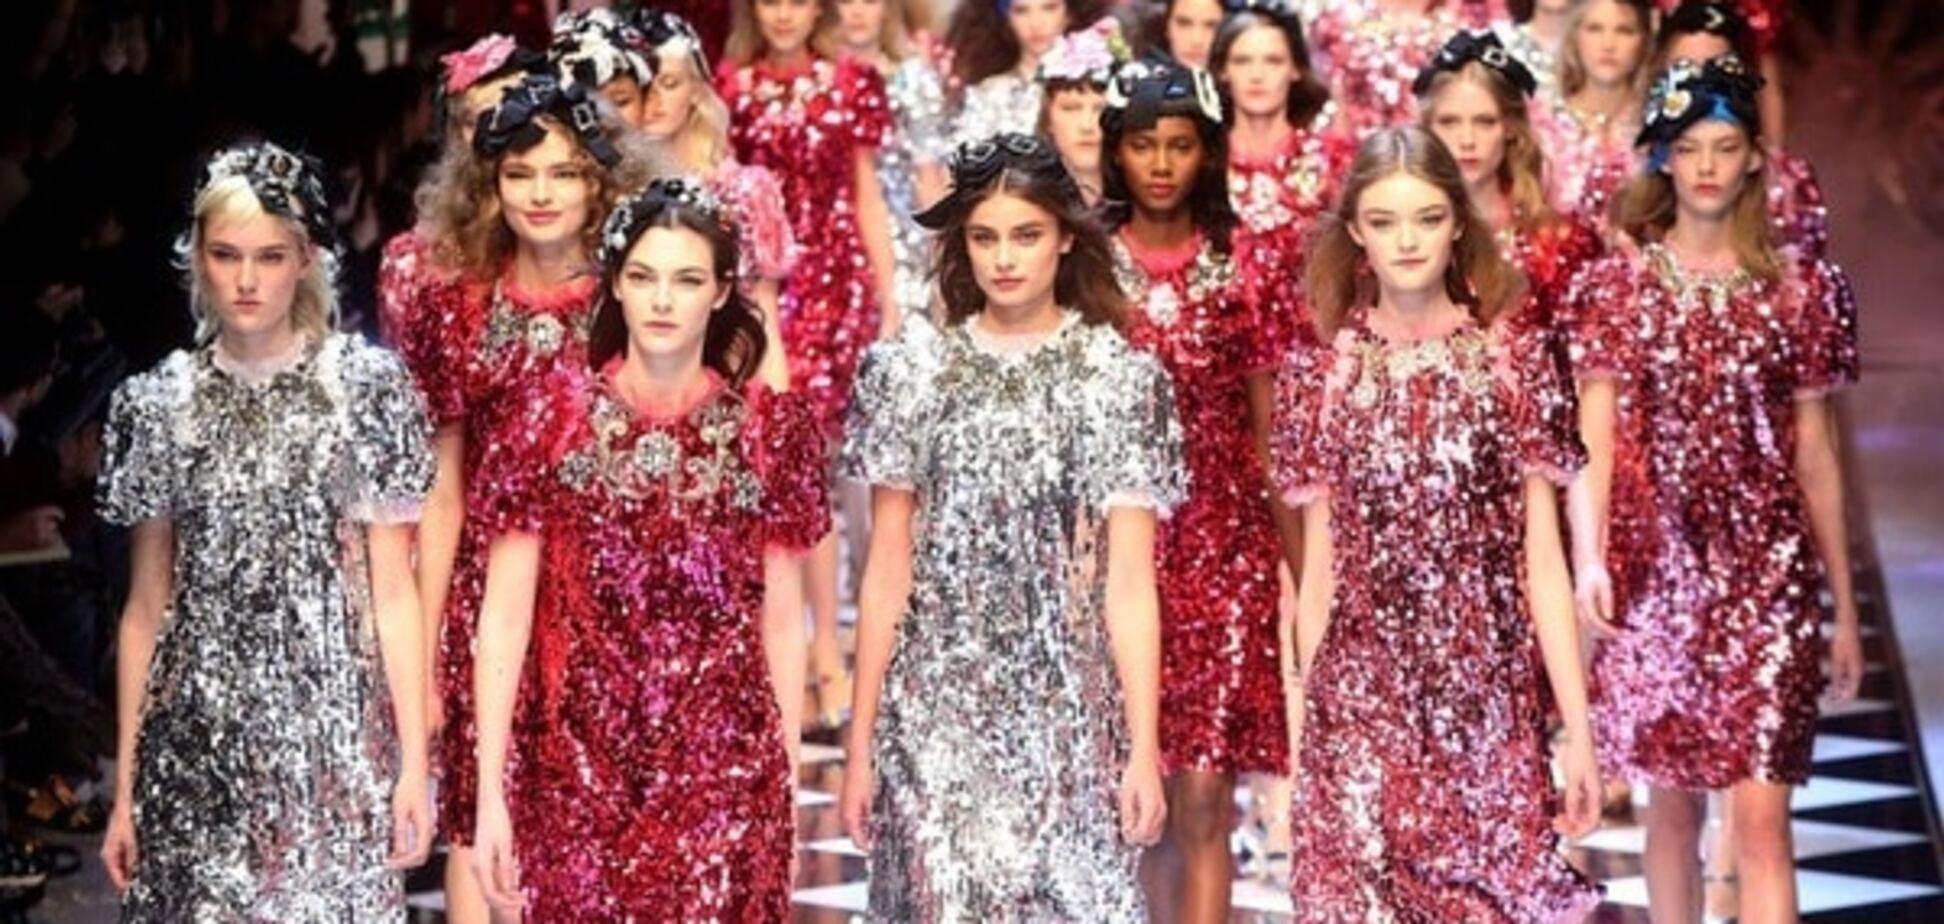 Фантастические цветы и сказочные принцессы: показ Dolce&Gabbana в Милане